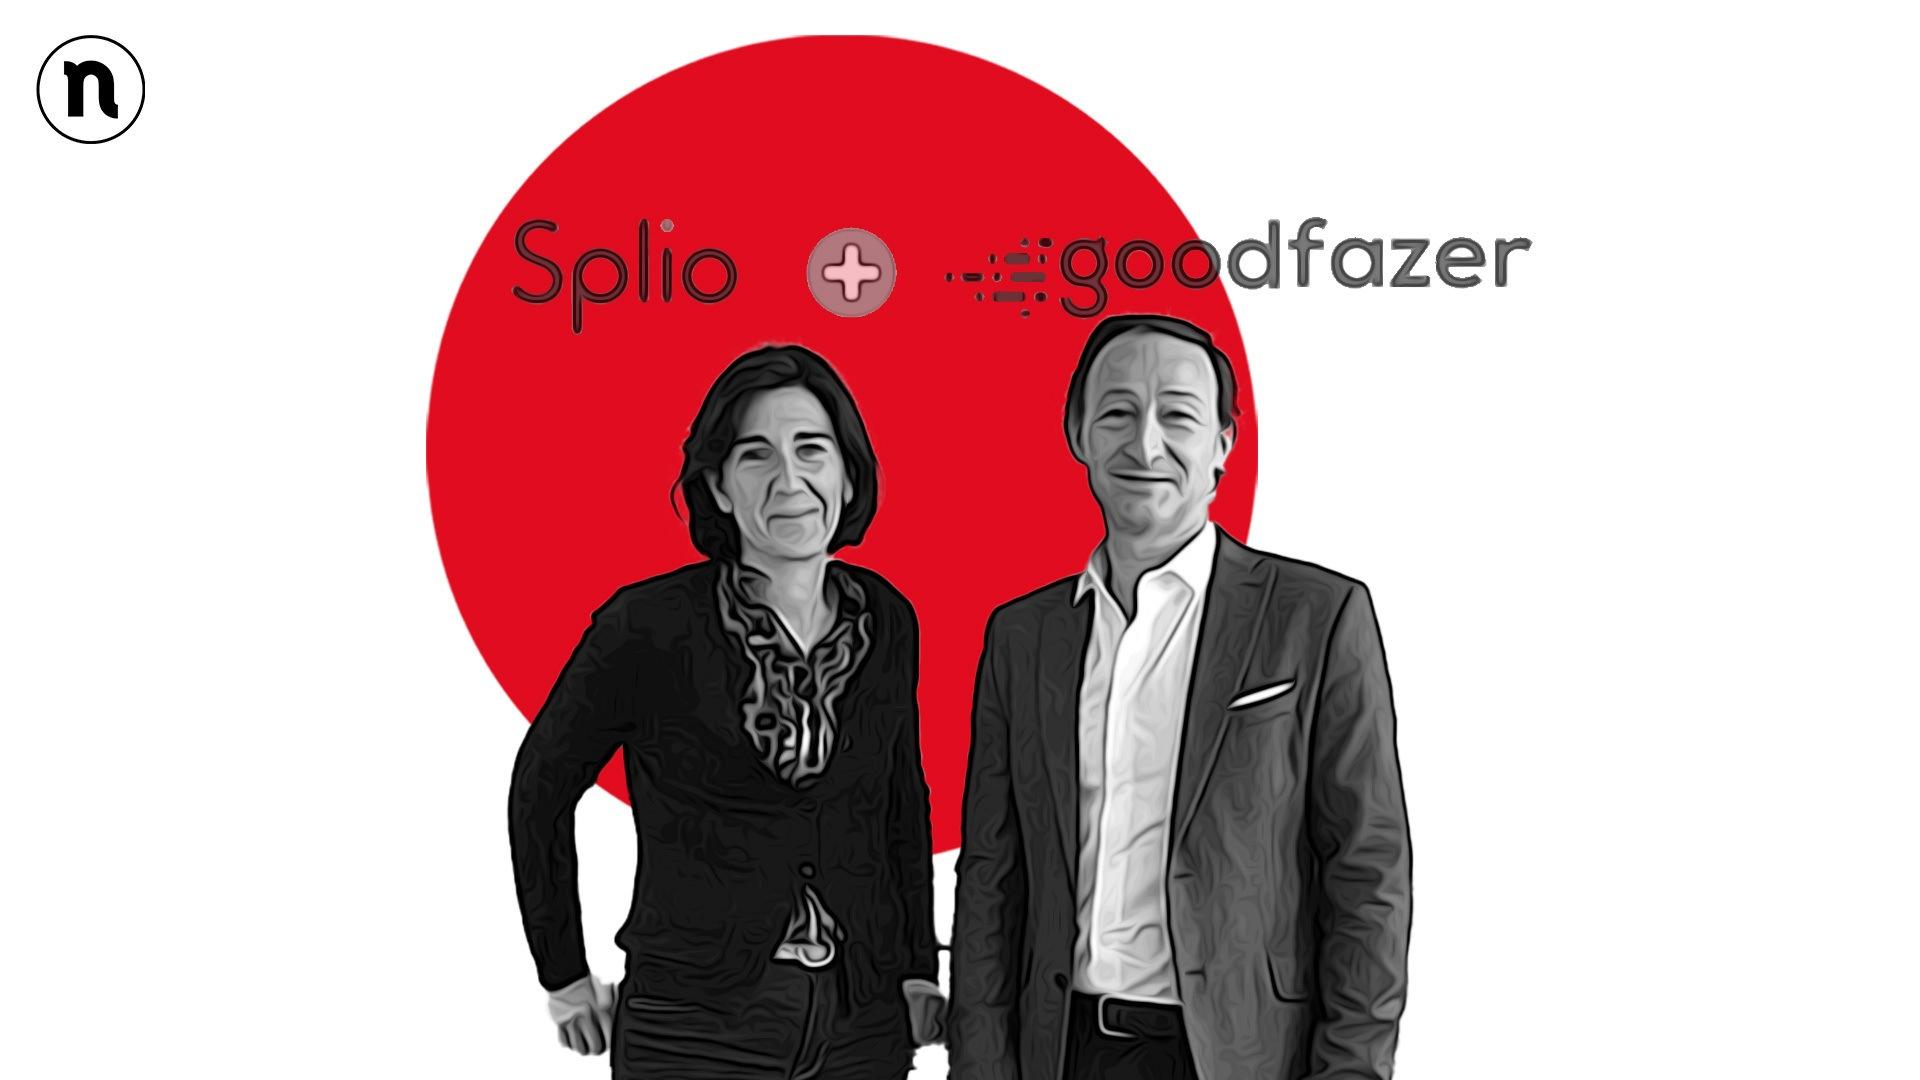 Splio acquisisce la startup Goodfazer e potenzia il Referral Marketing